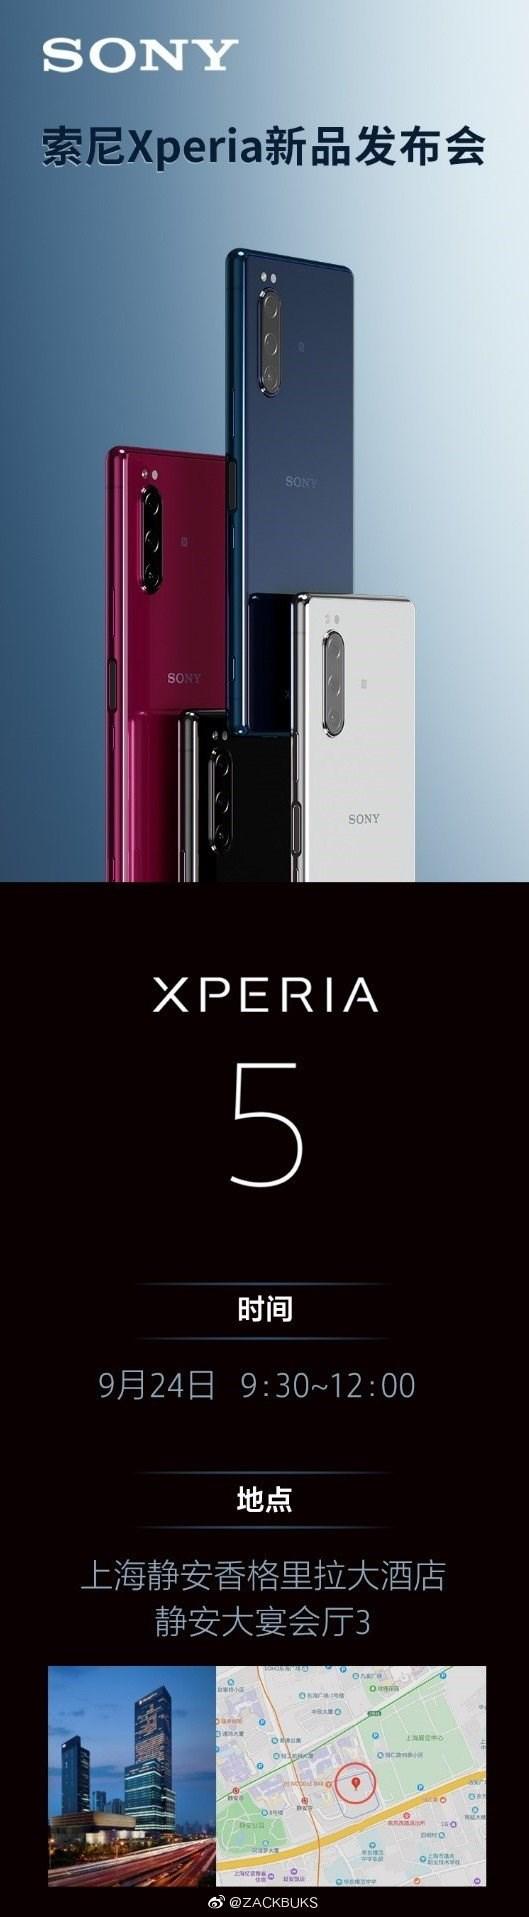 Sony Xperia 5 chuẩn bị lên kệ ở quốc gia láng giềng của Việt Nam